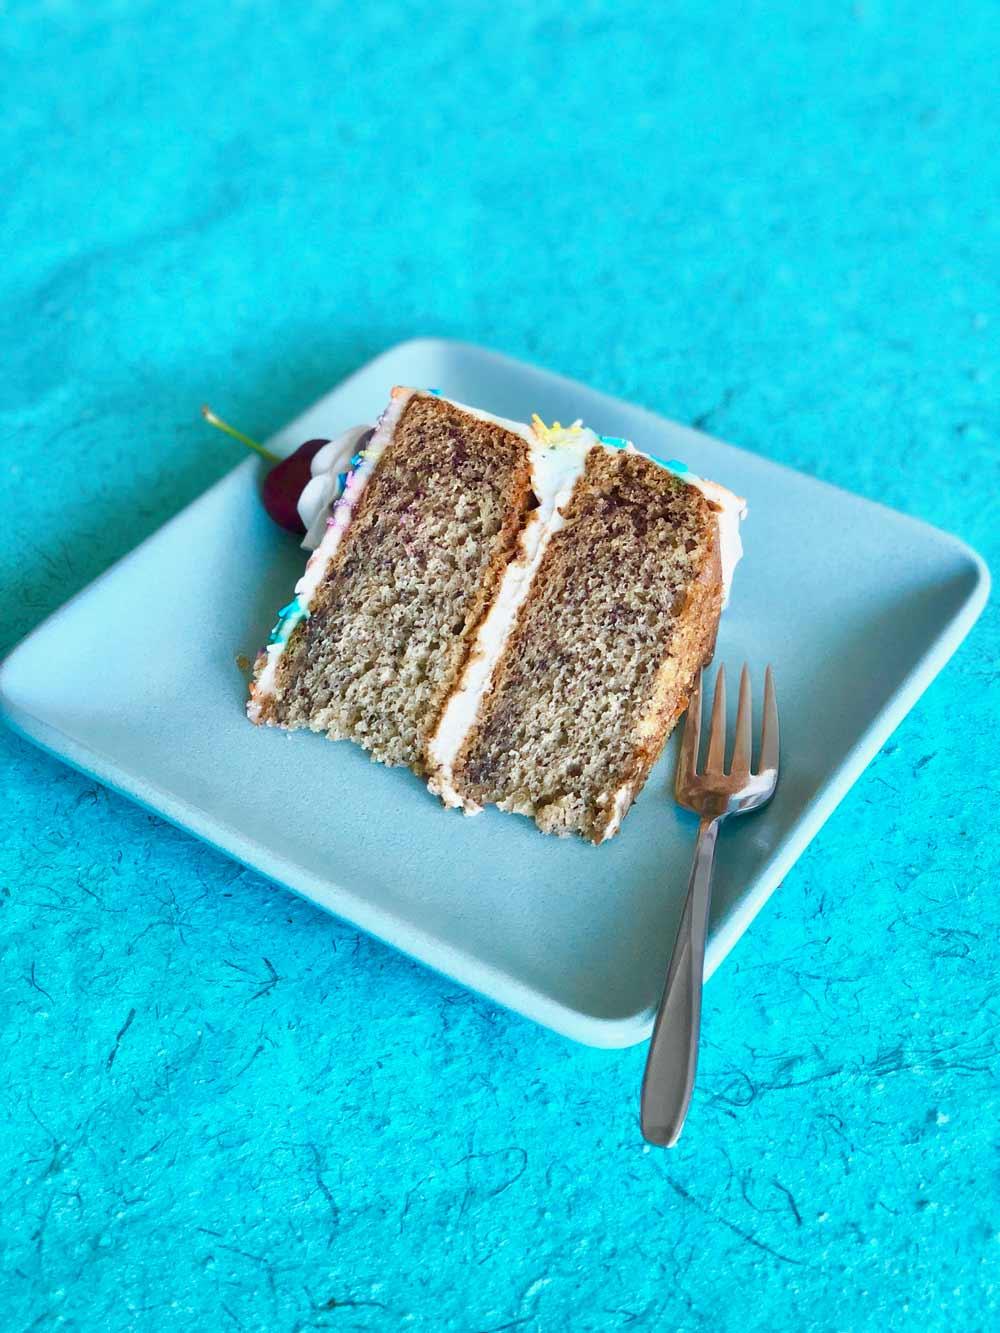 vegan banana split cake slice